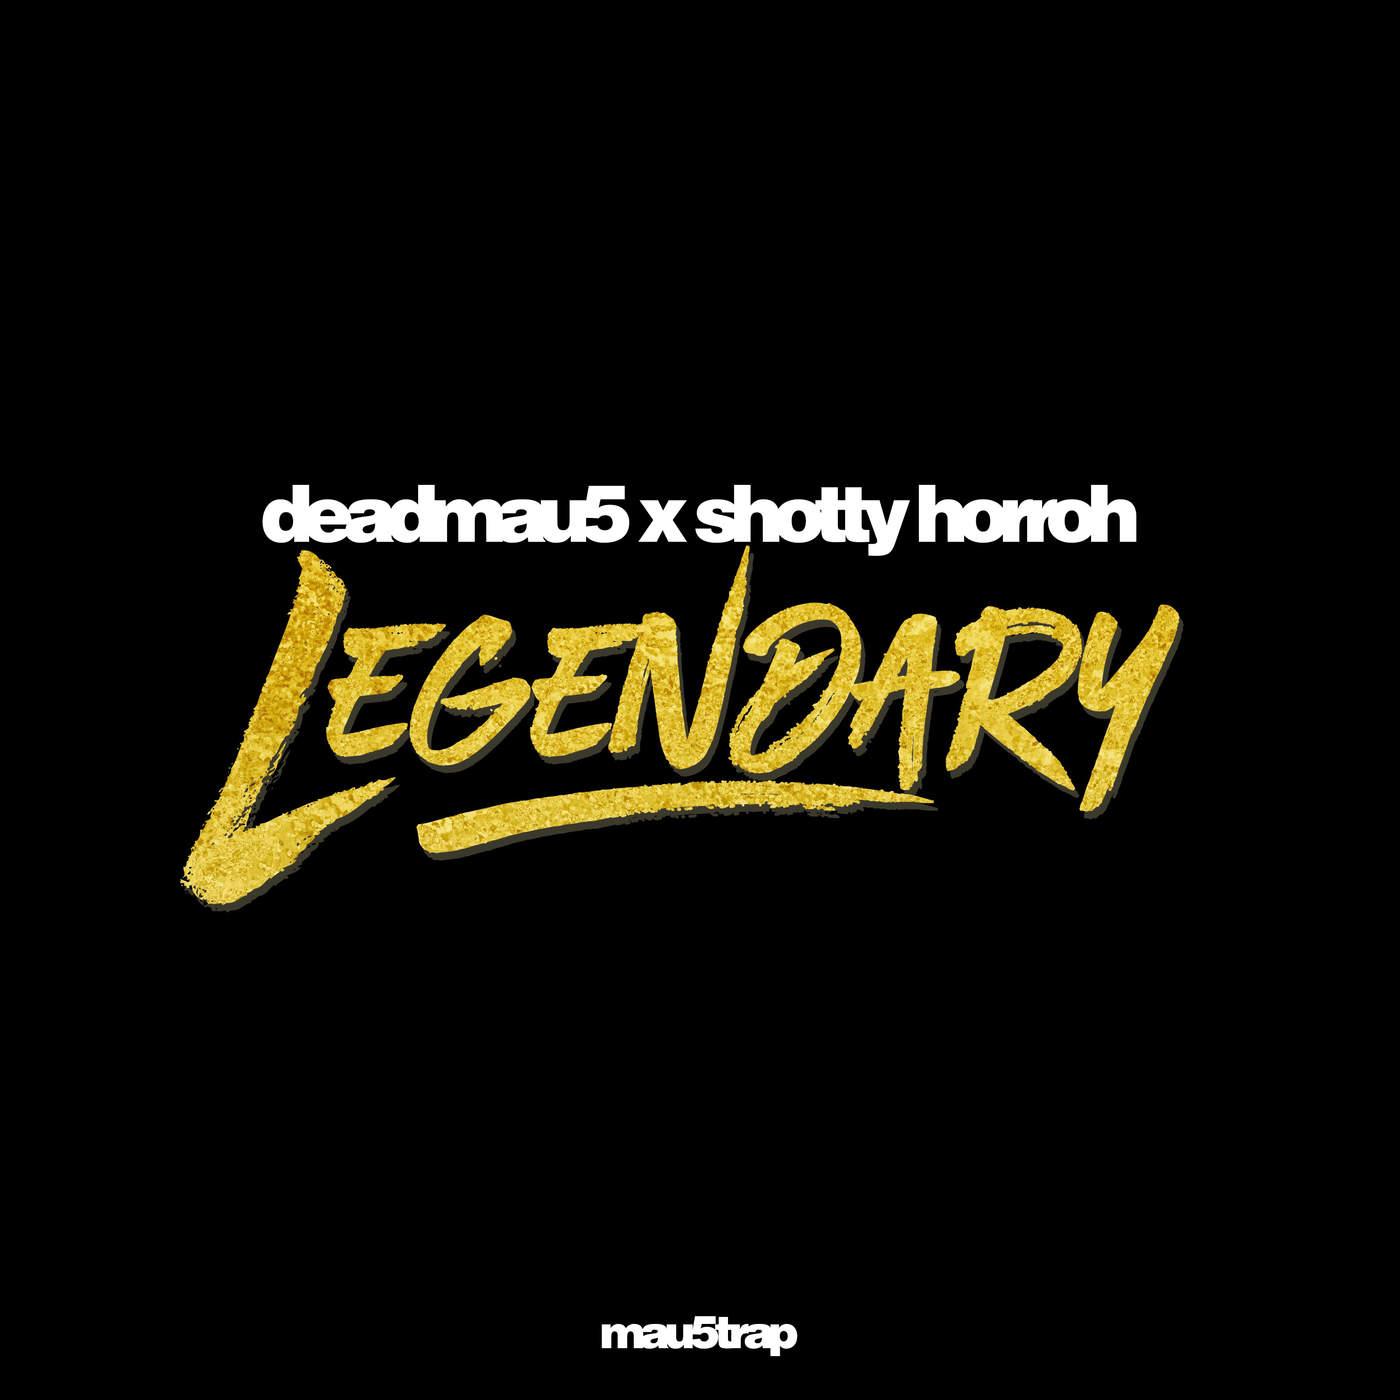 deadmau5 & Shotty Horroh - Legendary - Single